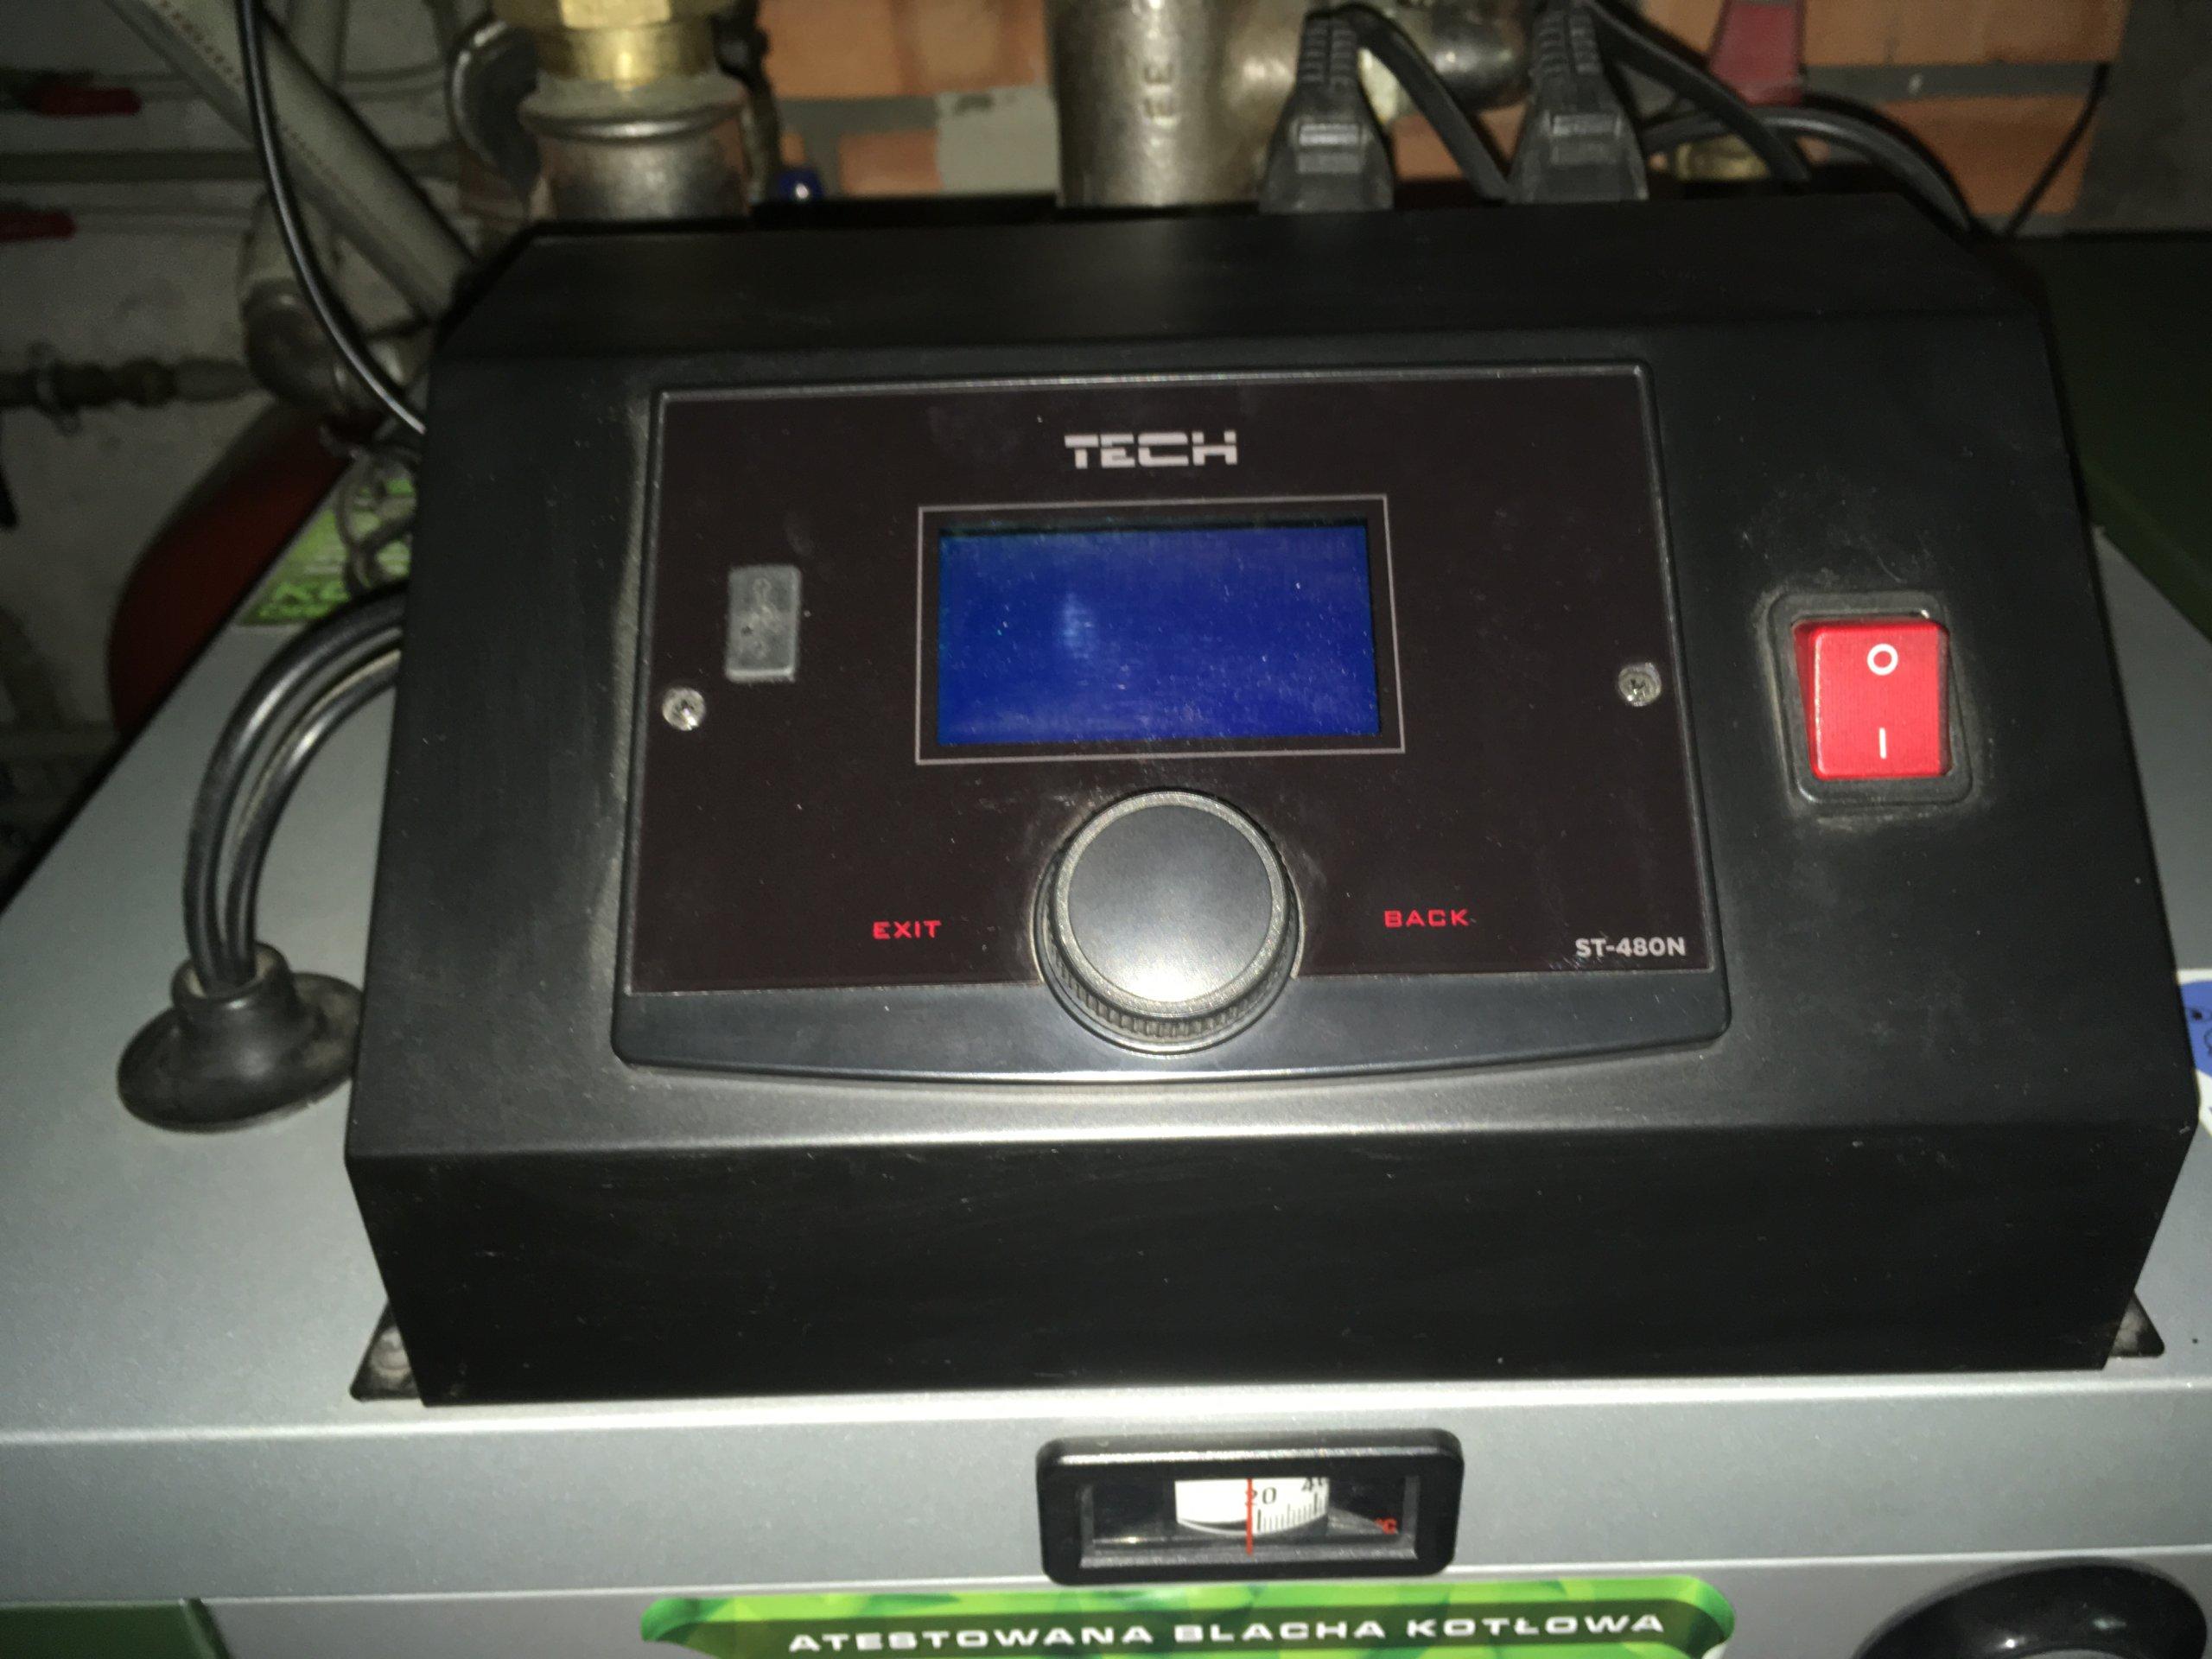 STEROWNIK TECH ST-480n